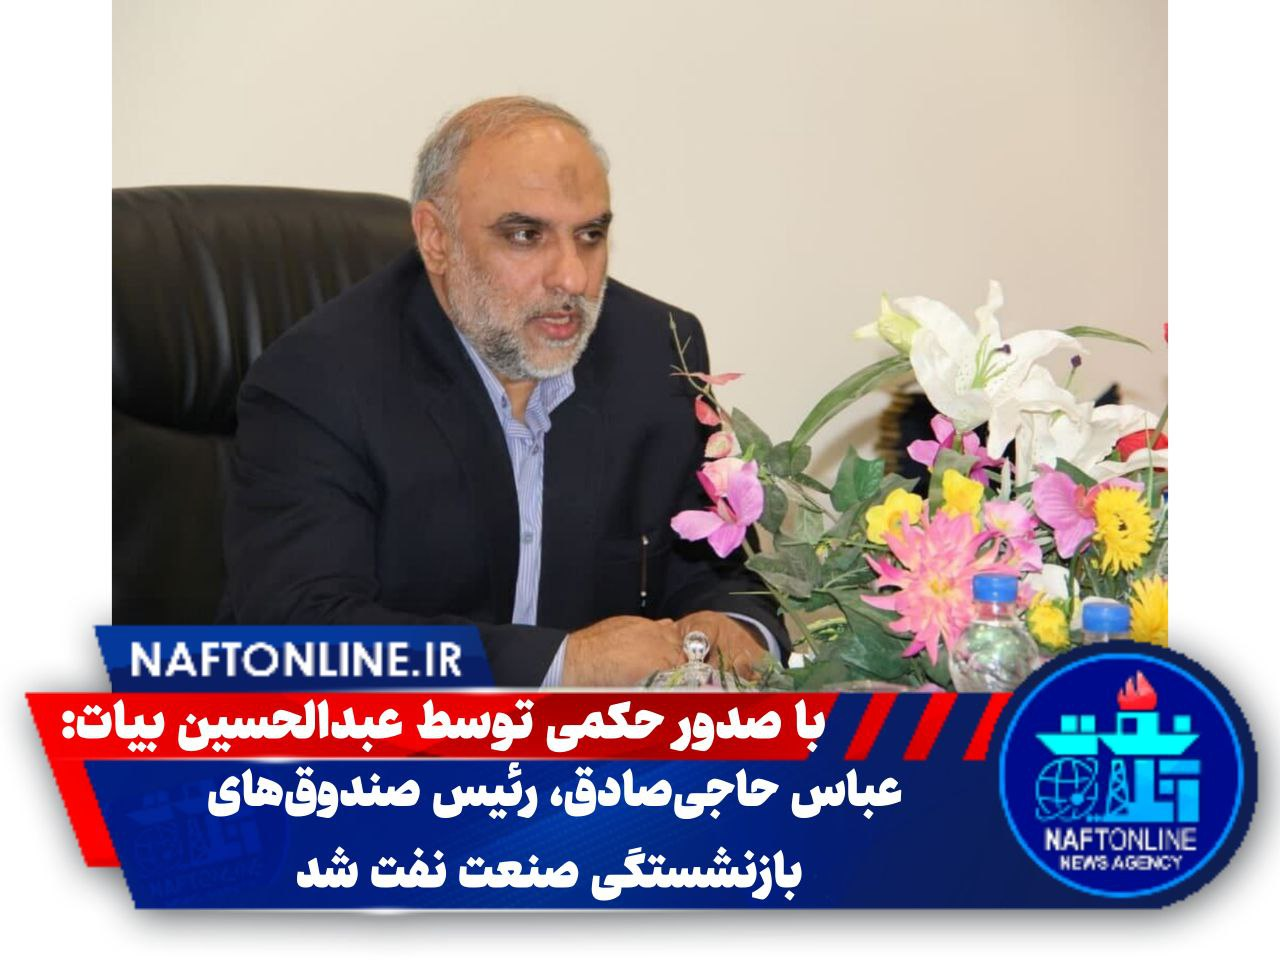 عباس حاجی صادق | نفت آنلاین